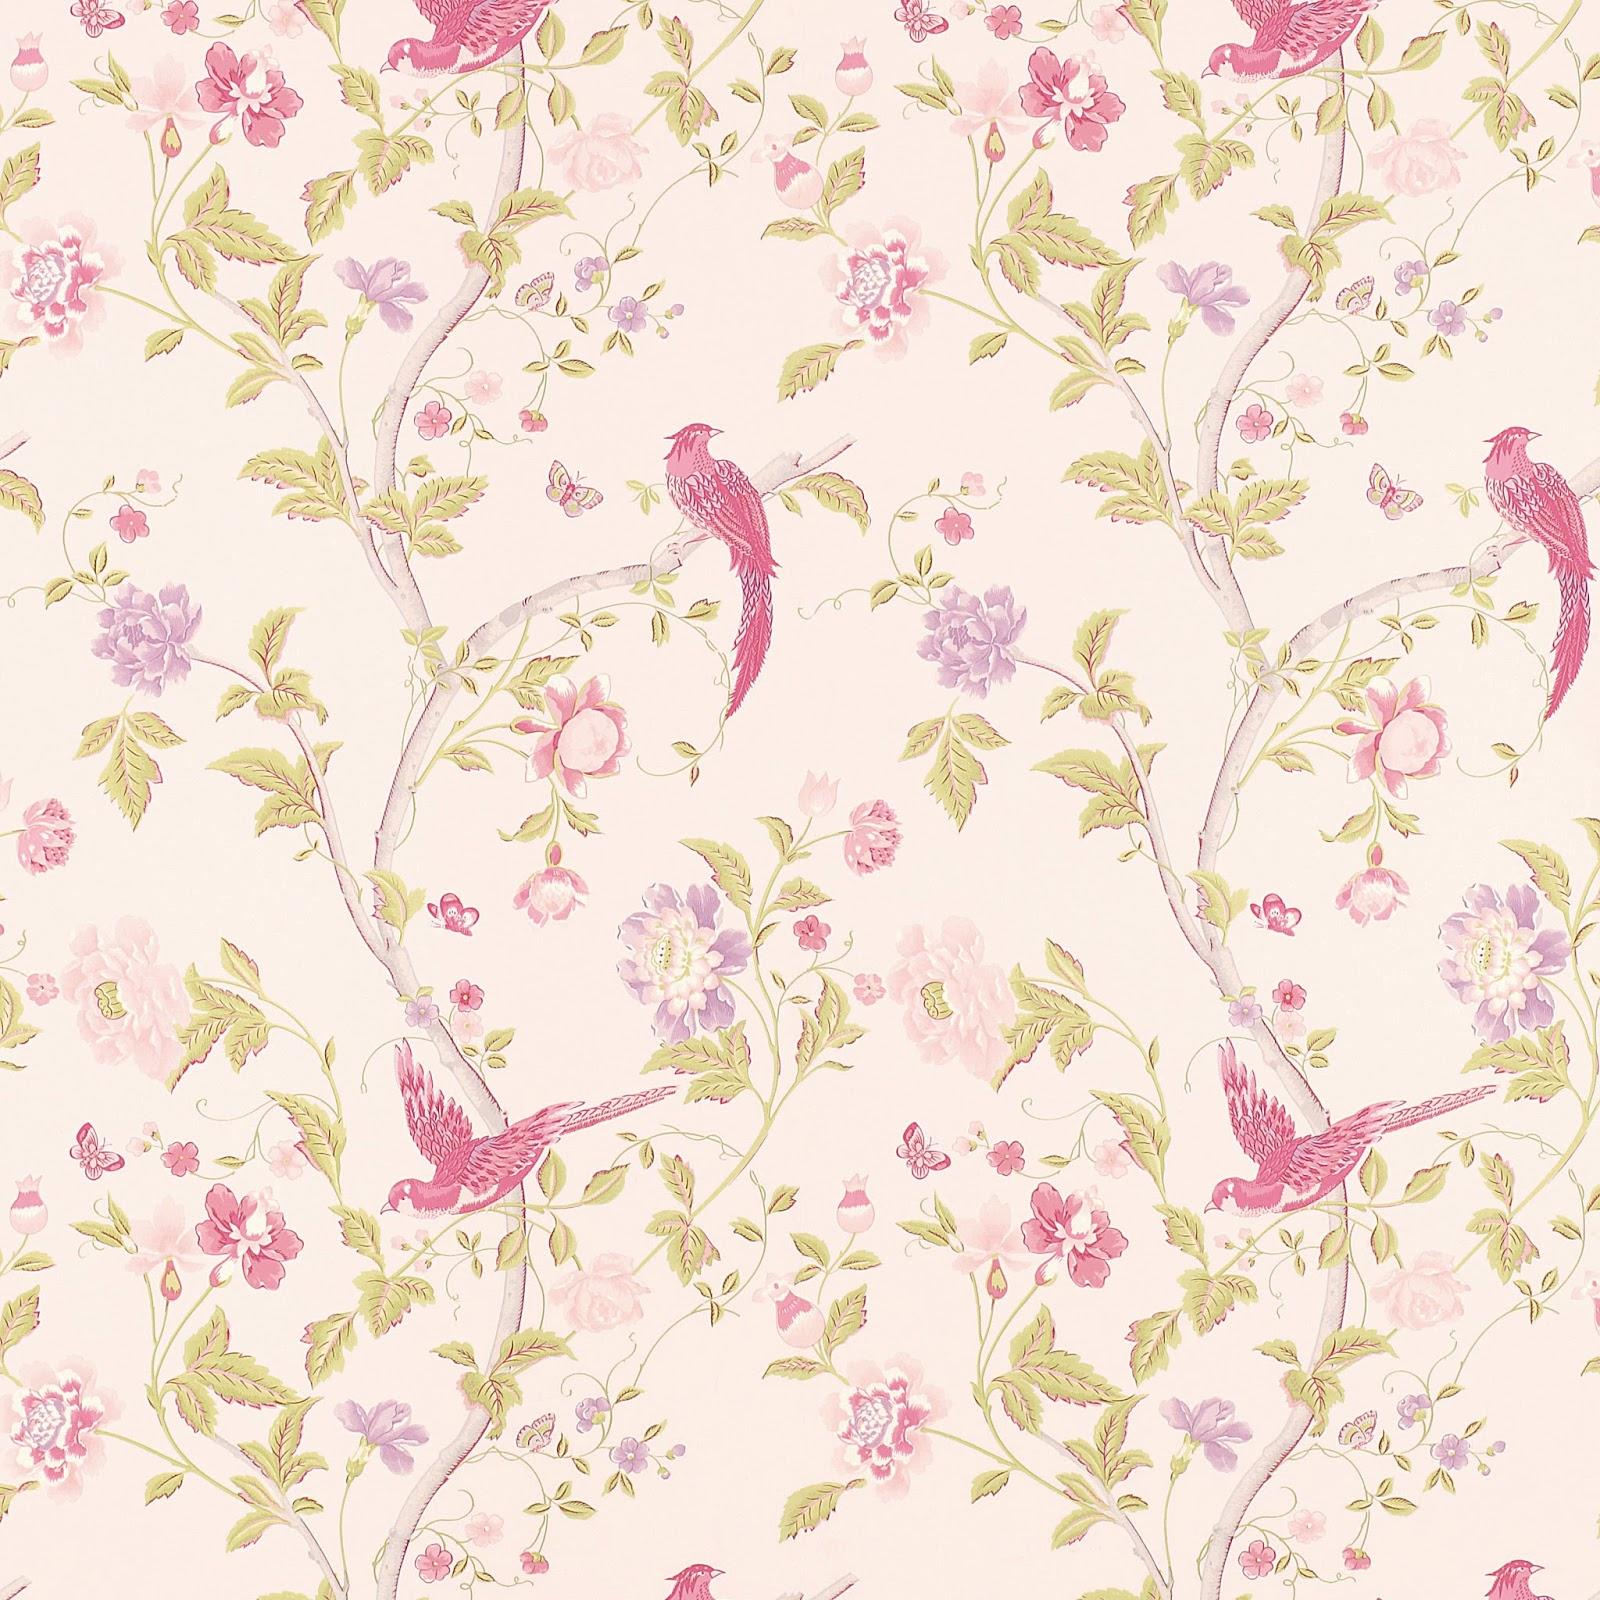 Floral Wallpaper Vintage Floral Wallpaper Pink Floral Wallpaper 1600x1600